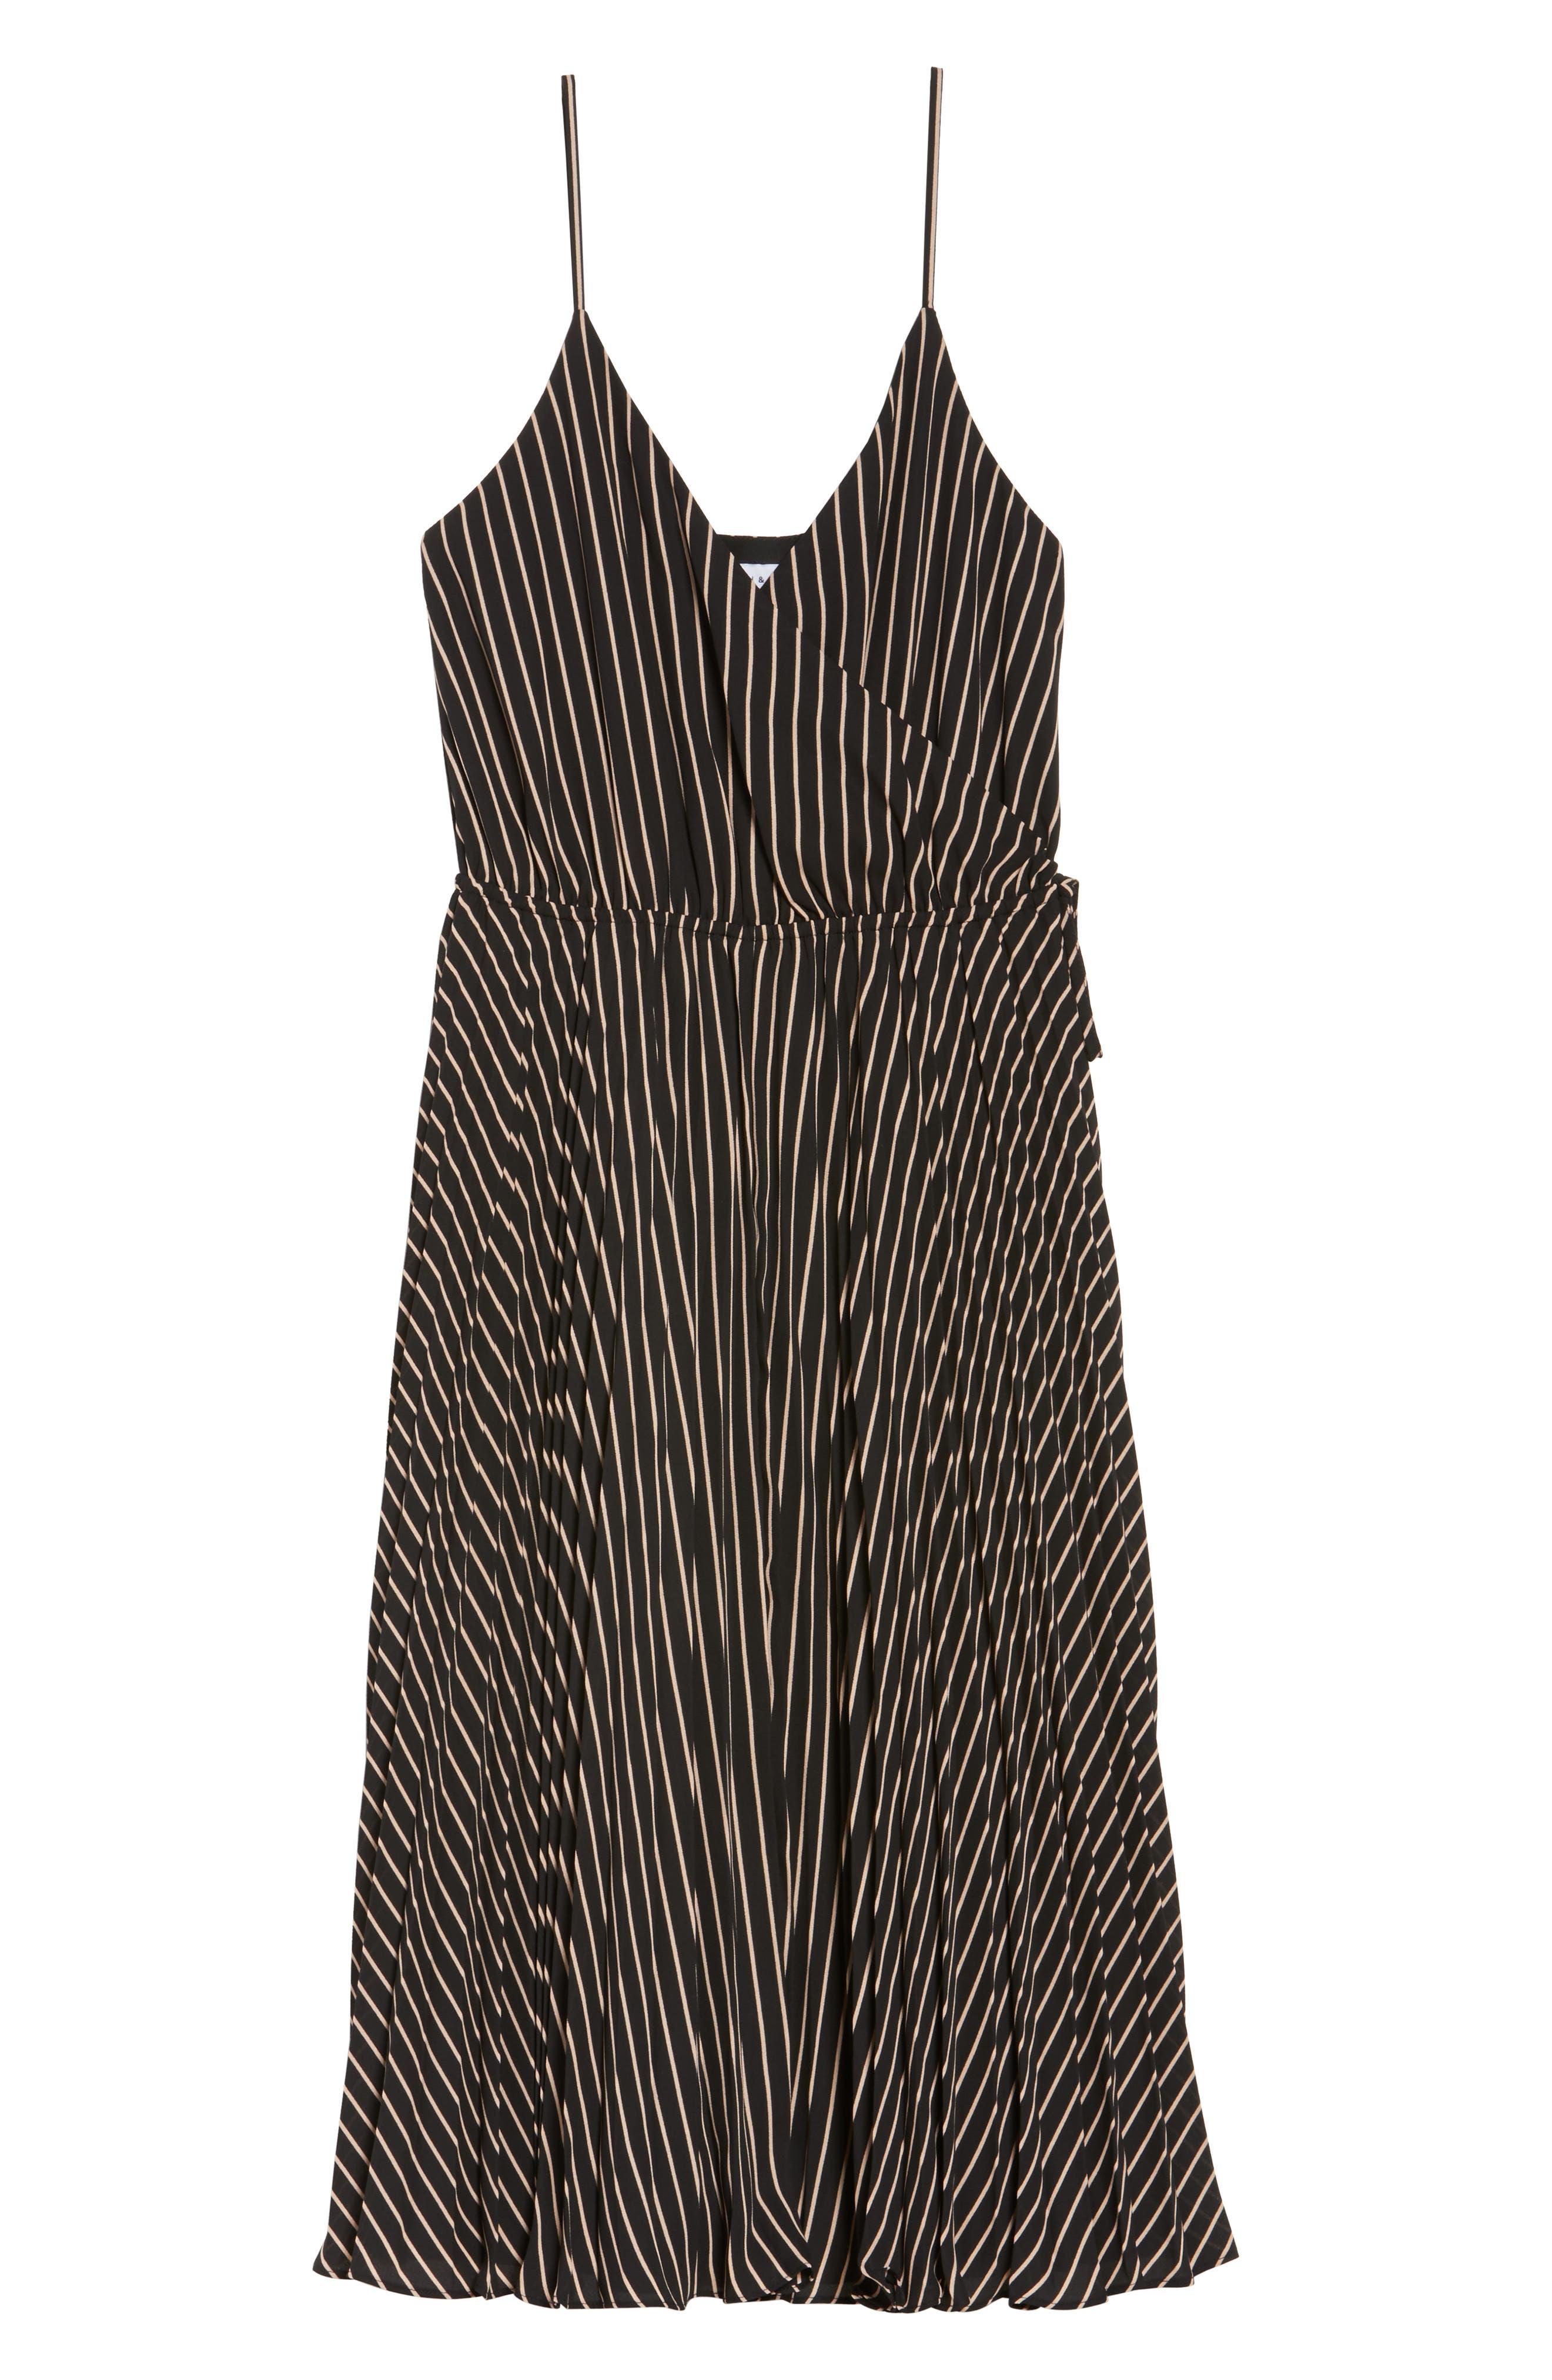 Like a Boss Midi Dress,                             Alternate thumbnail 6, color,                             Black/ Tan Stripe